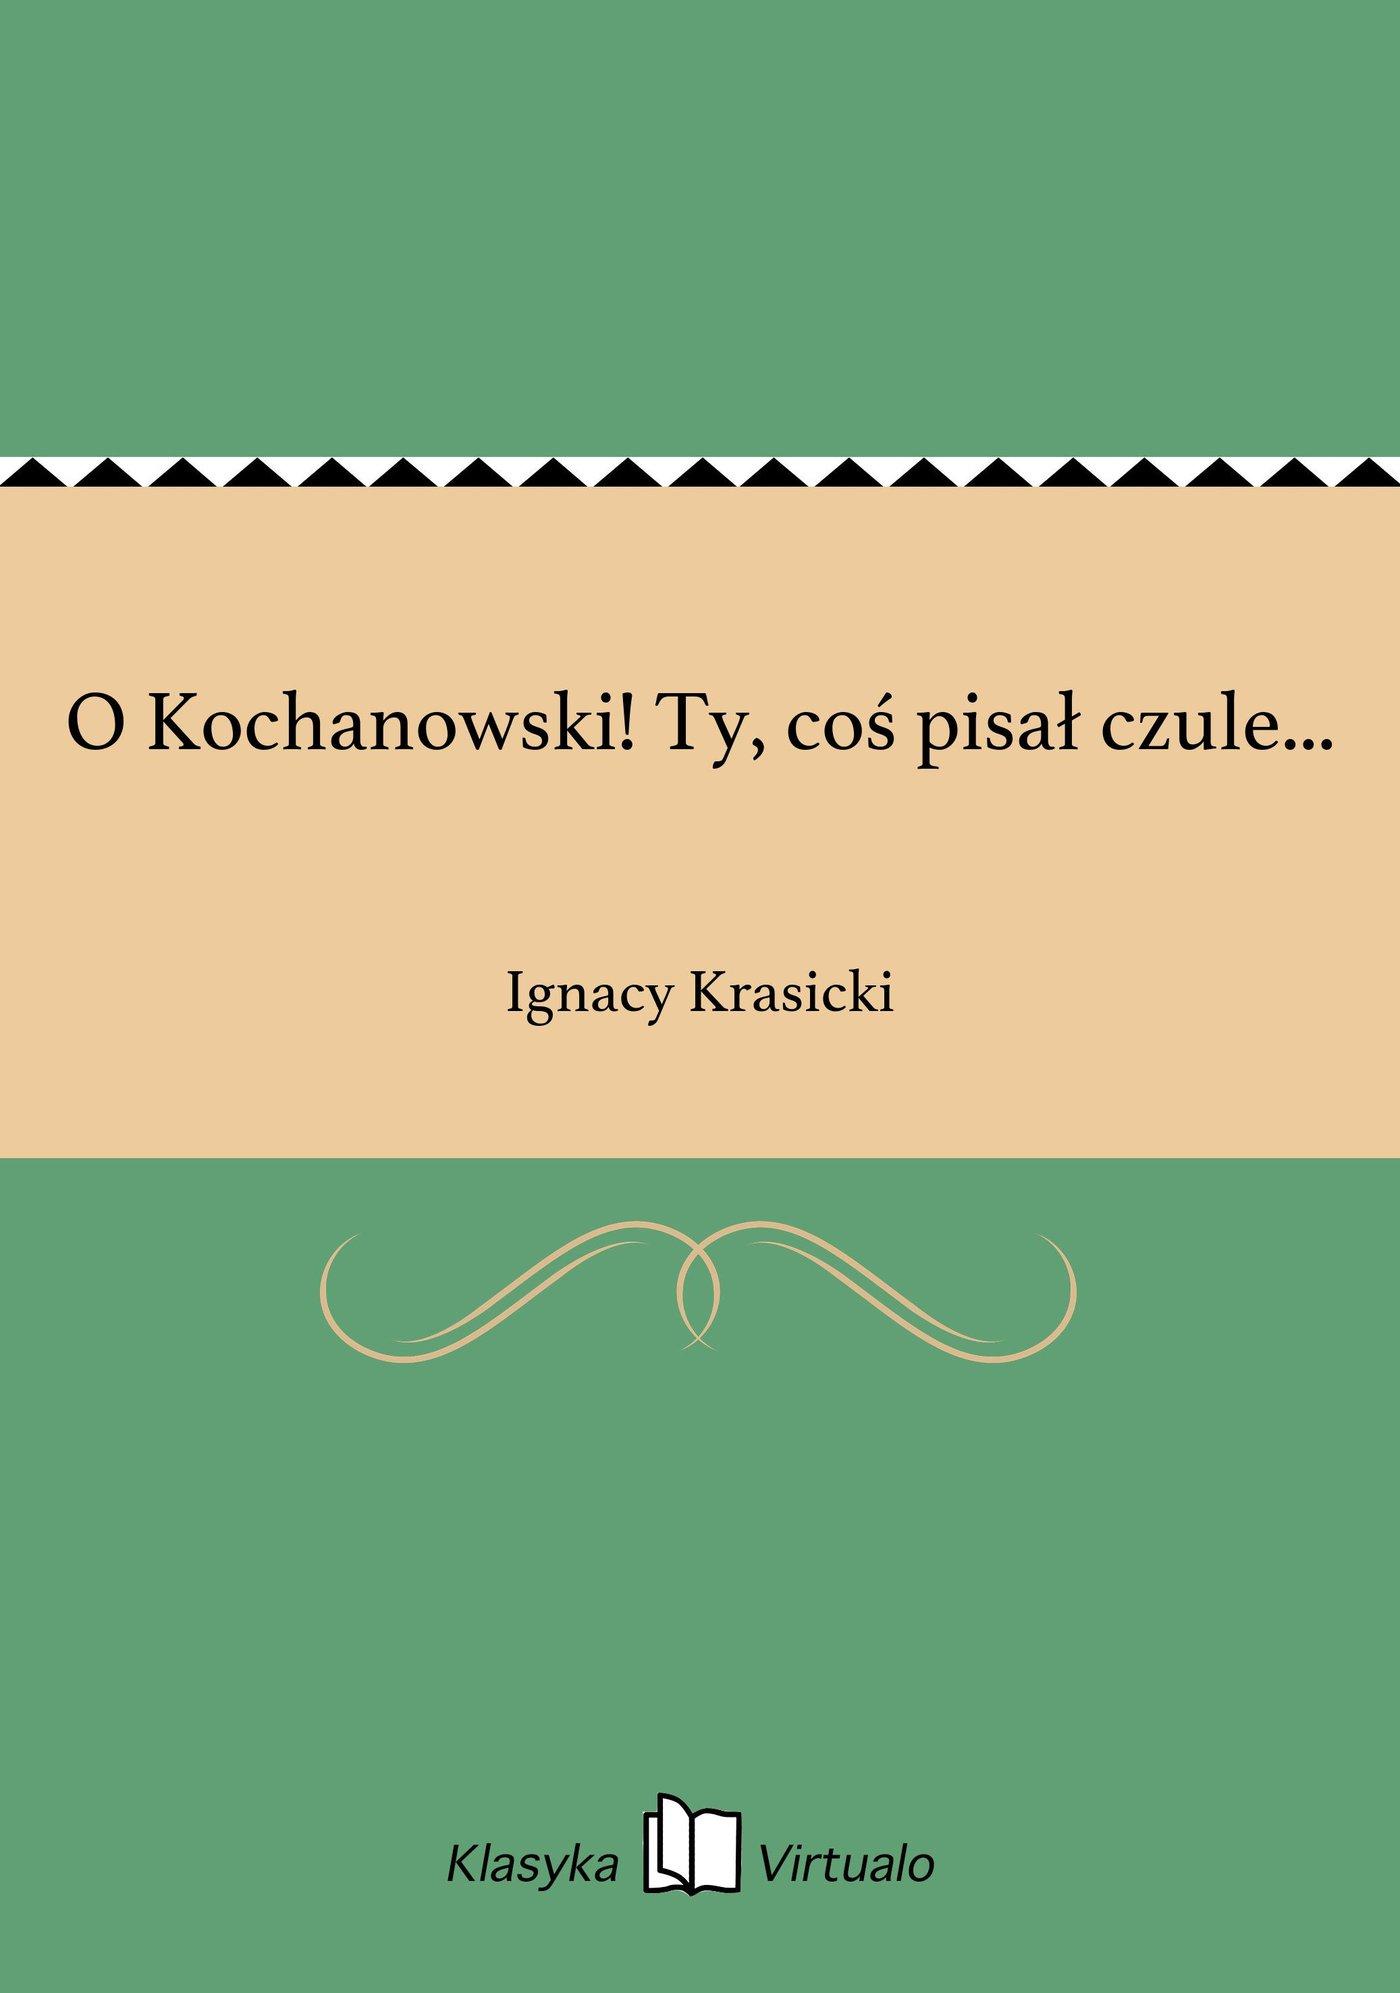 O Kochanowski! Ty, coś pisał czule... - Ebook (Książka EPUB) do pobrania w formacie EPUB